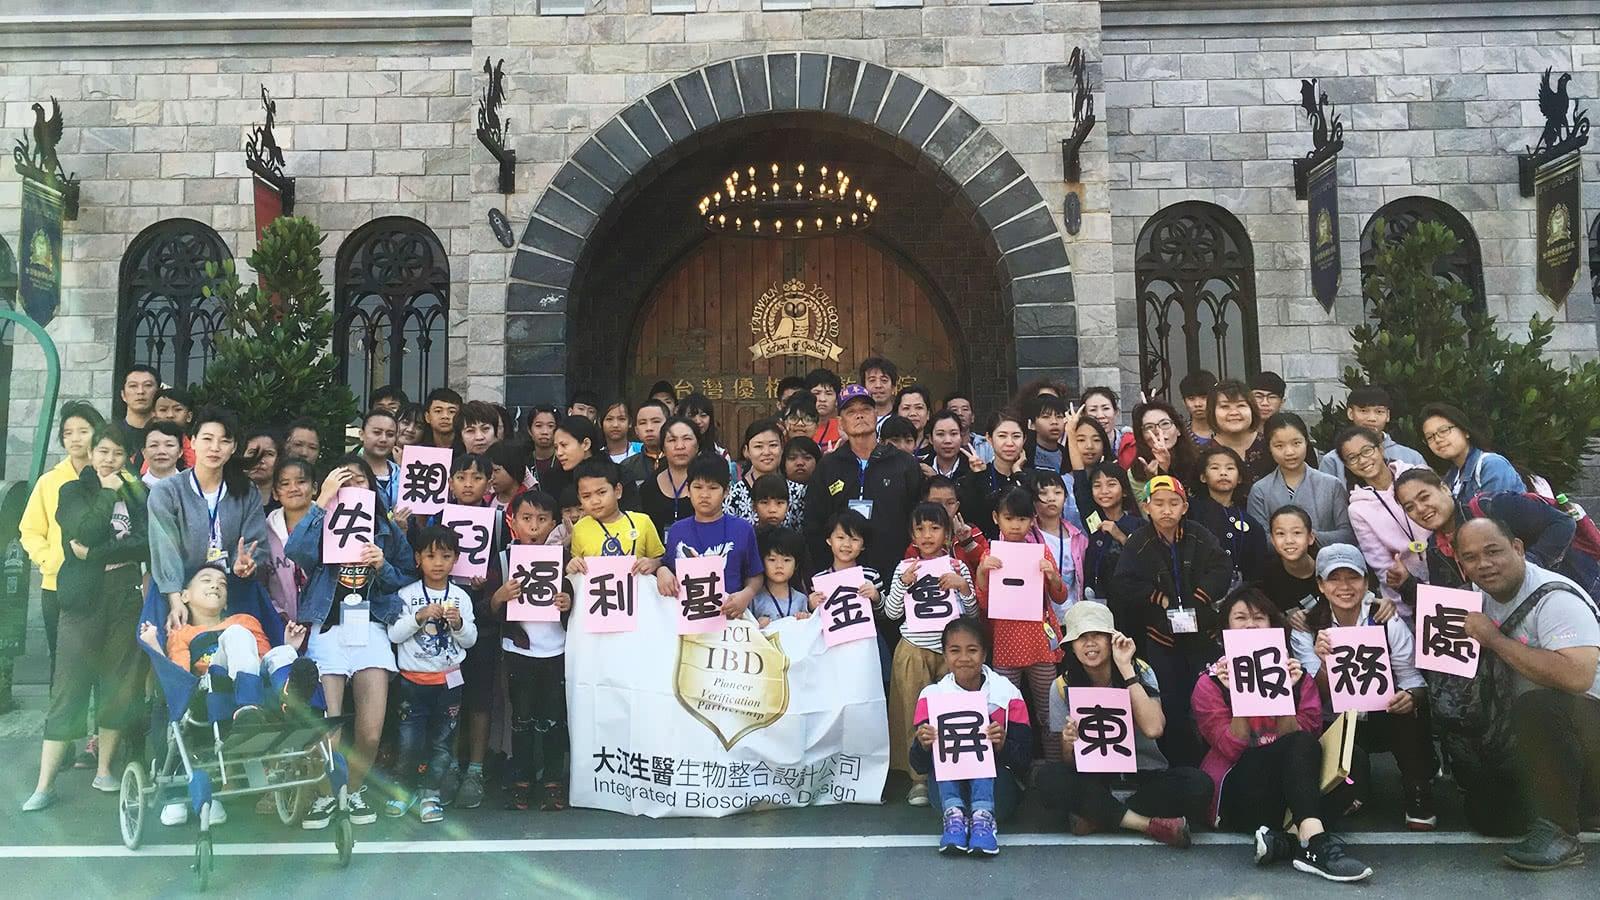 2017年 TCI 大江生醫 台中人文科學營 屏東失親兒基金會